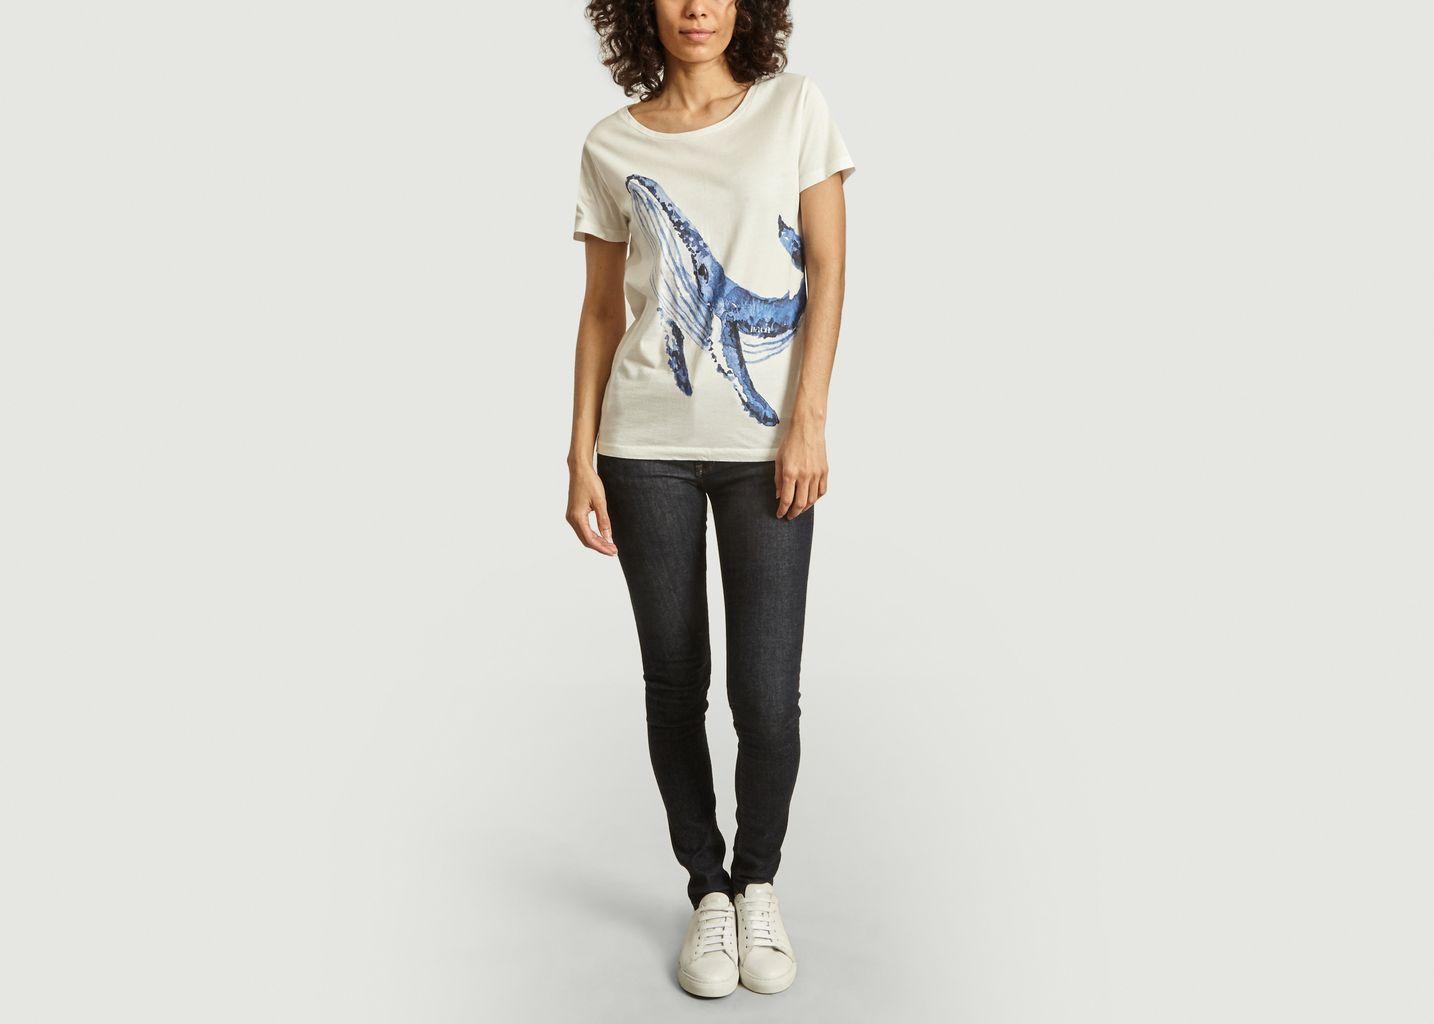 Tshirt Baleine - Nach